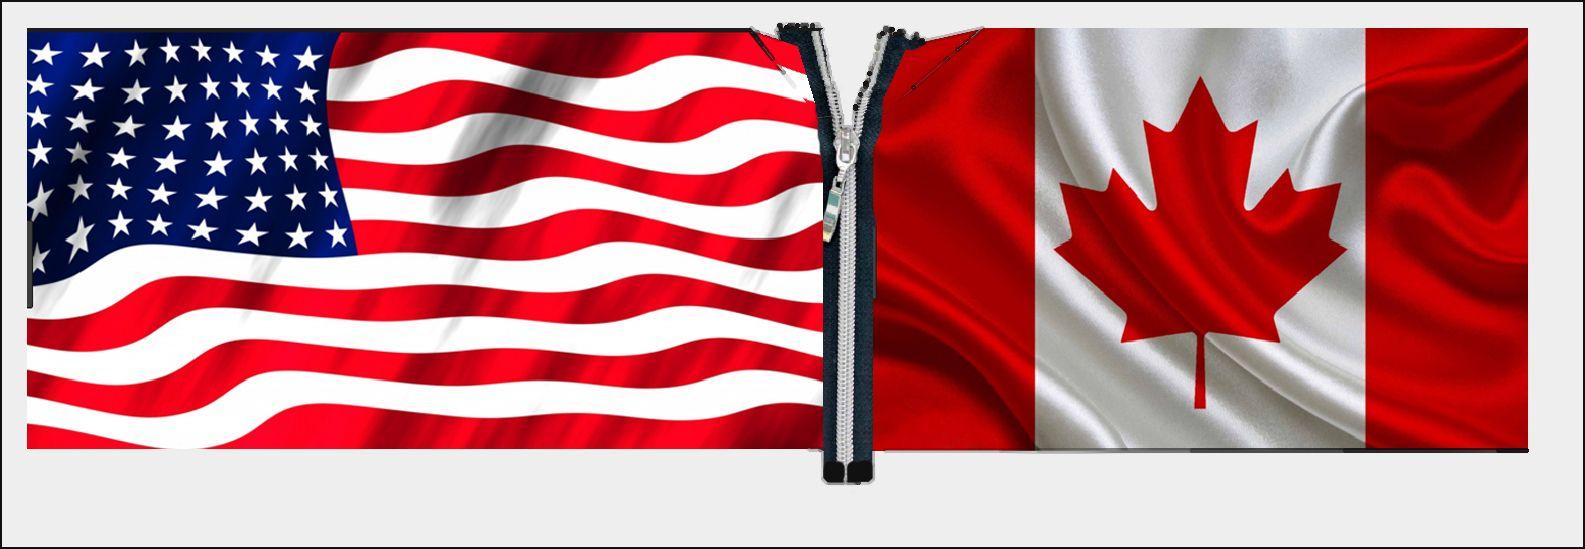 Trumps Nafta Canada Travel Quebec City Trump